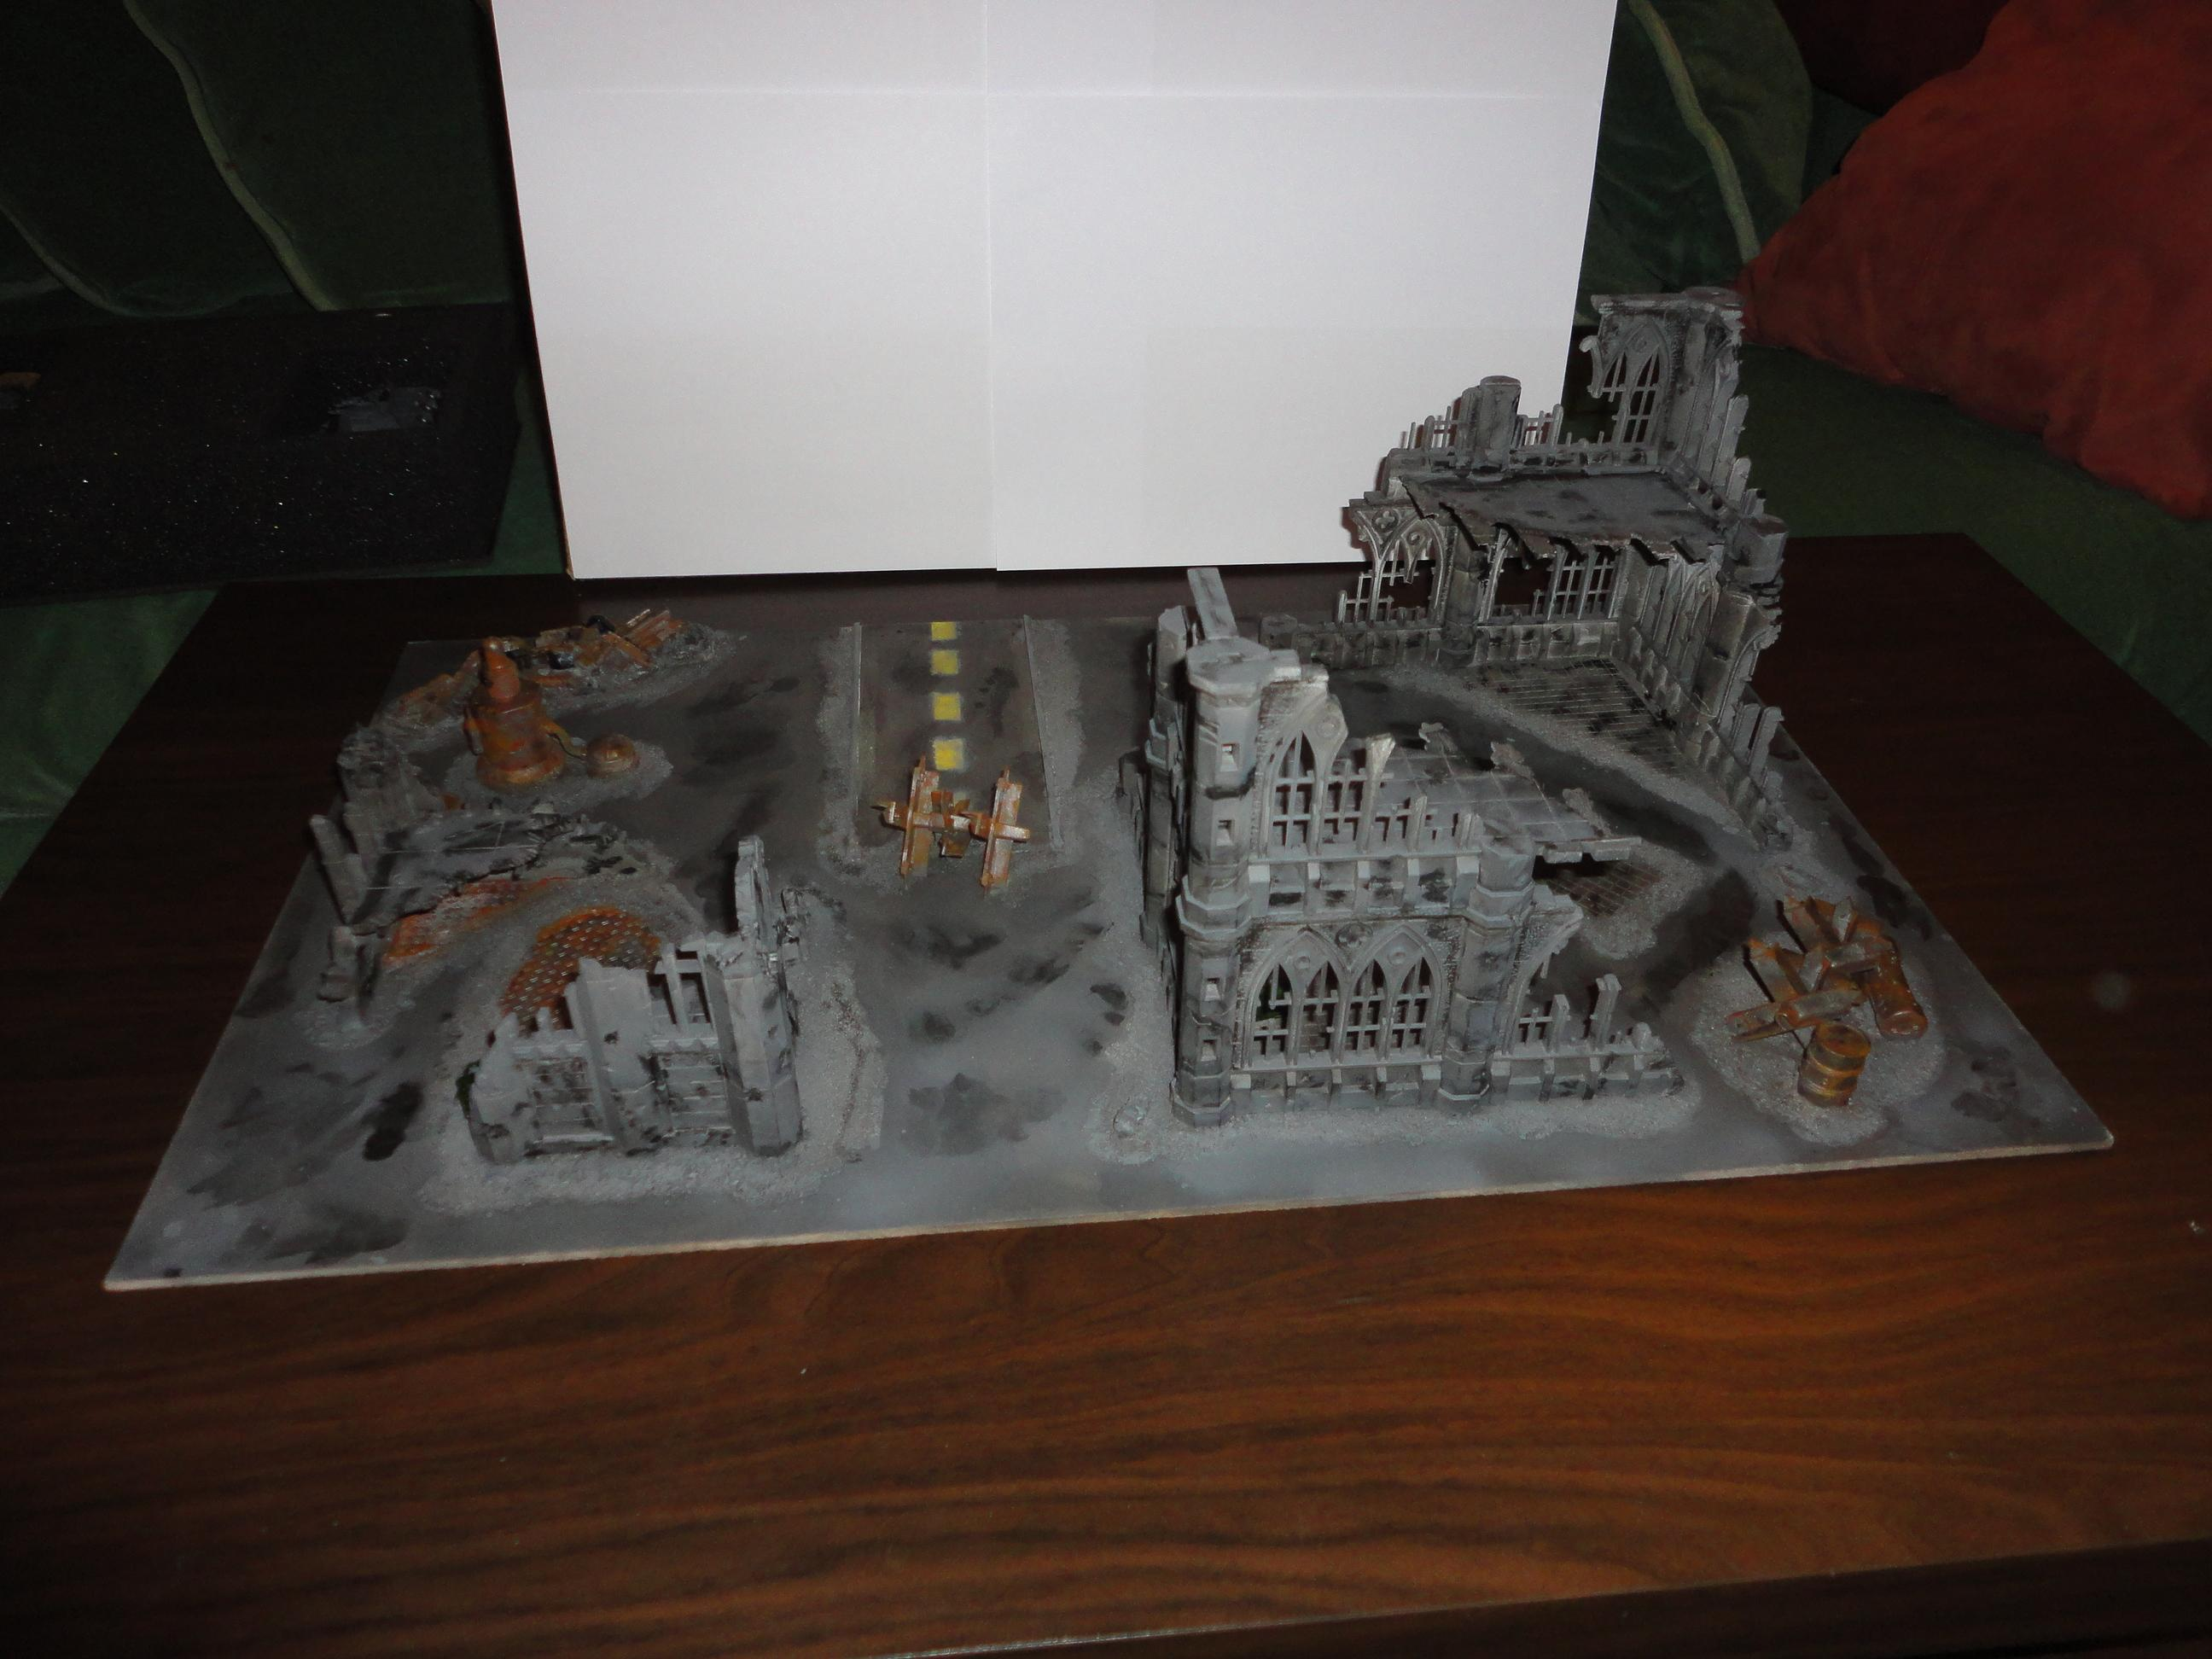 Inquisimunda, Inquisitor, Terrain, Warhammer 40,000